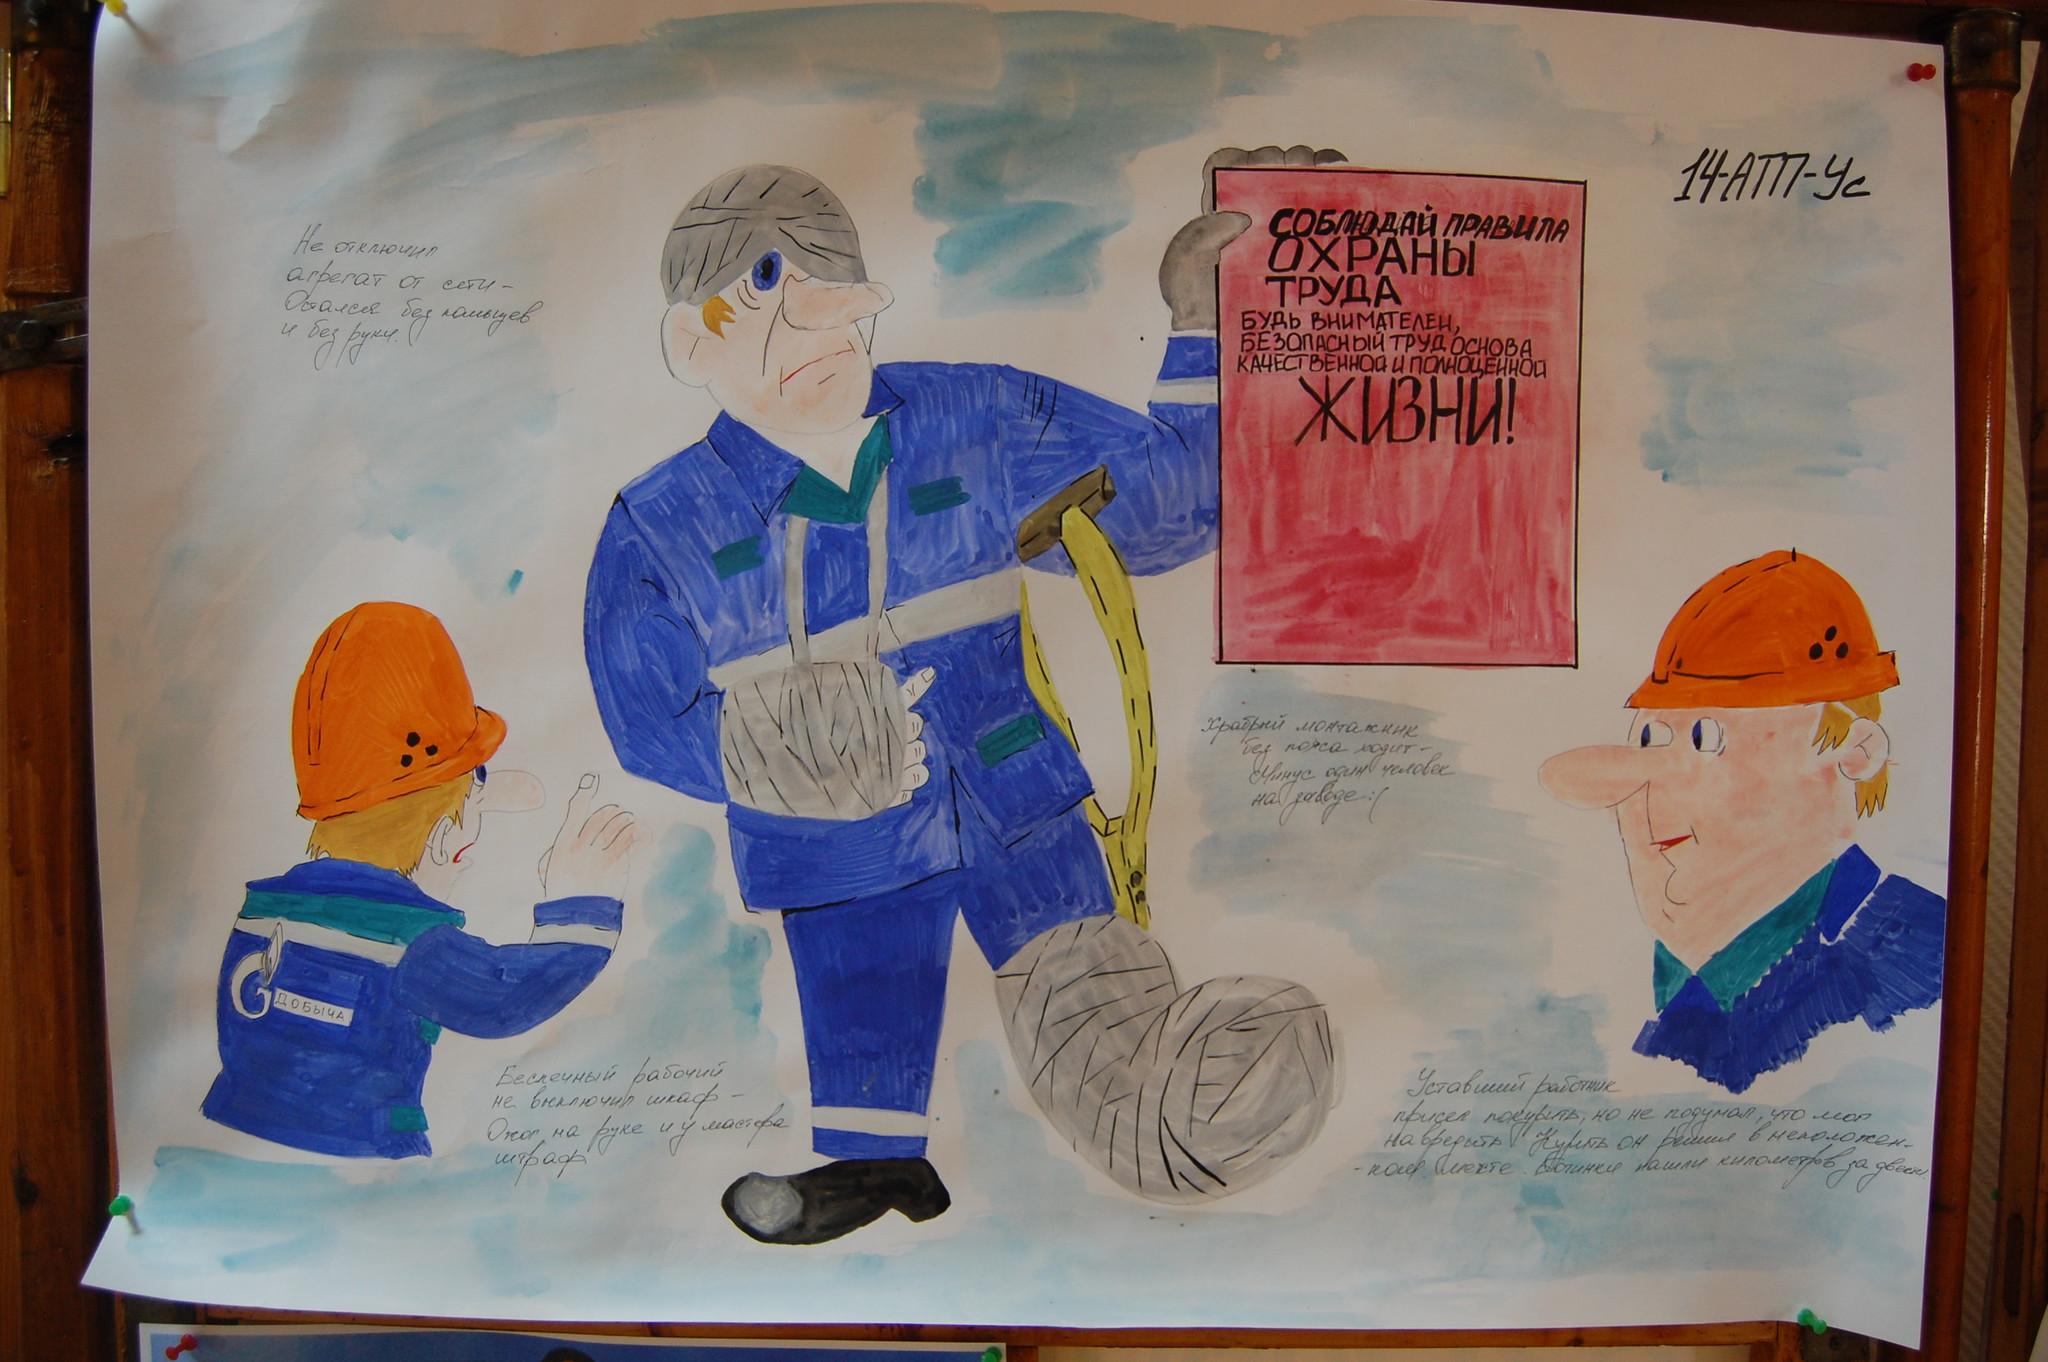 рисунок по охране труда фото влечение музыке мальчик